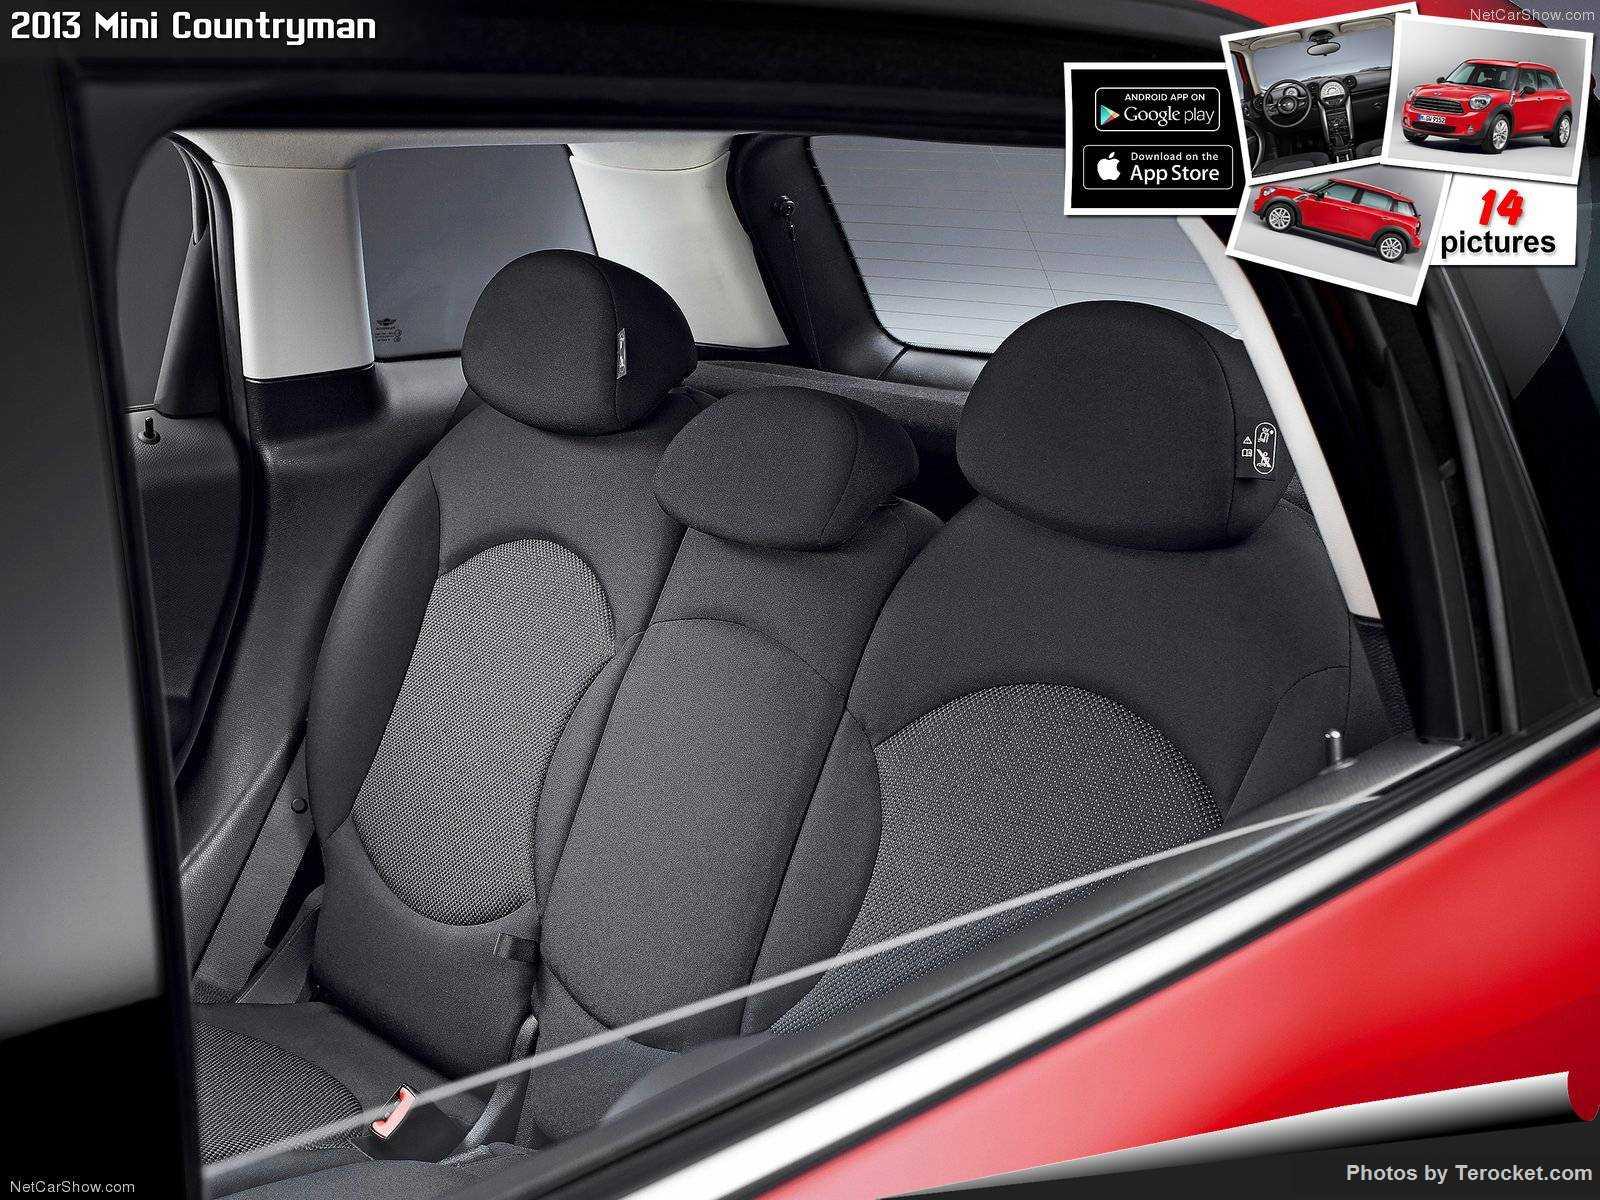 Hình ảnh xe ô tô Mini Countryman 2013 & nội ngoại thất